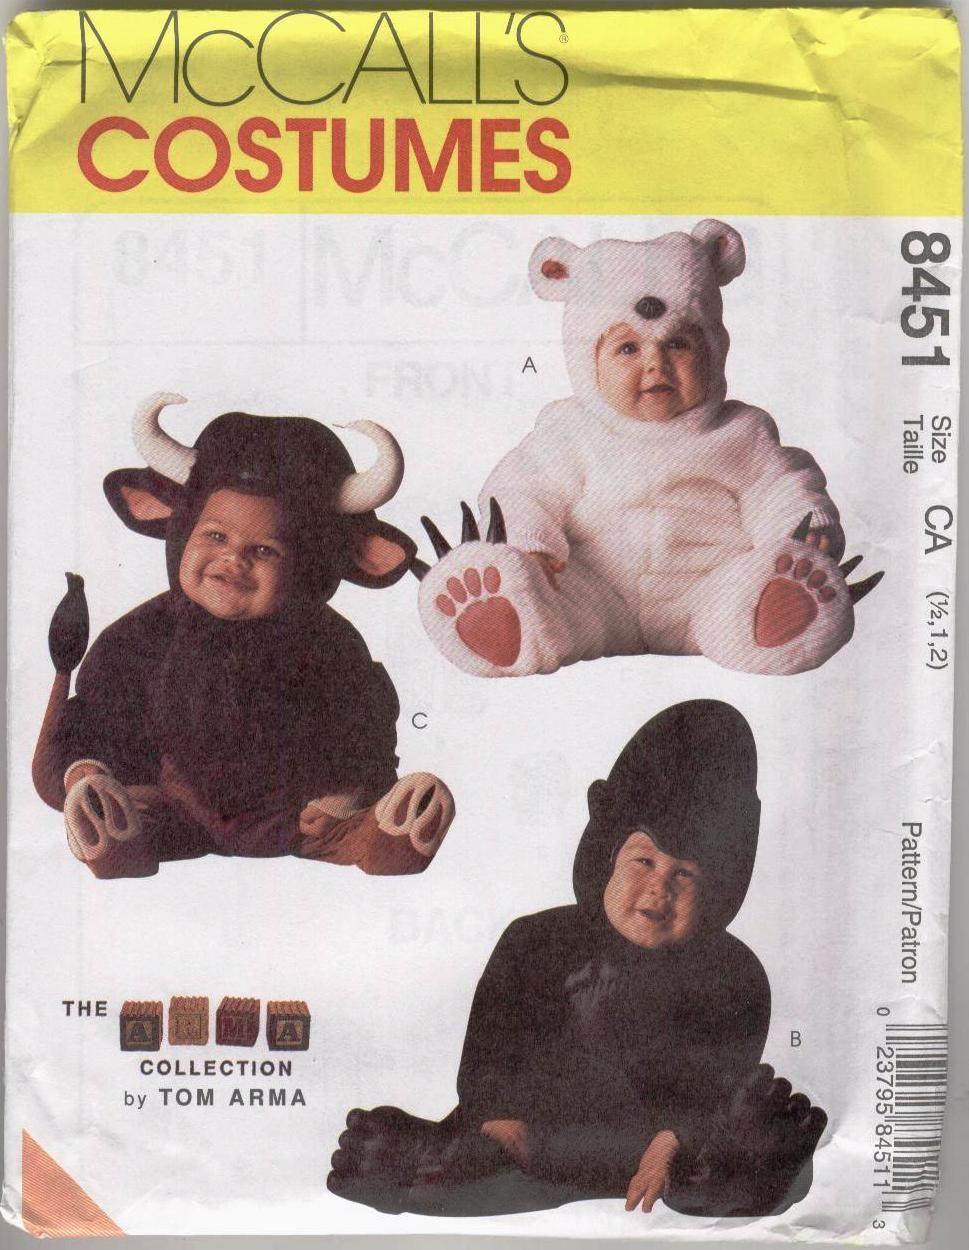 Toddler steer costume   Tom Arma Toddler Gorilla Bull Polar Bear Costume Pattern 1  sc 1 st  Pinterest & Toddler steer costume   Tom Arma Toddler Gorilla Bull Polar Bear ...